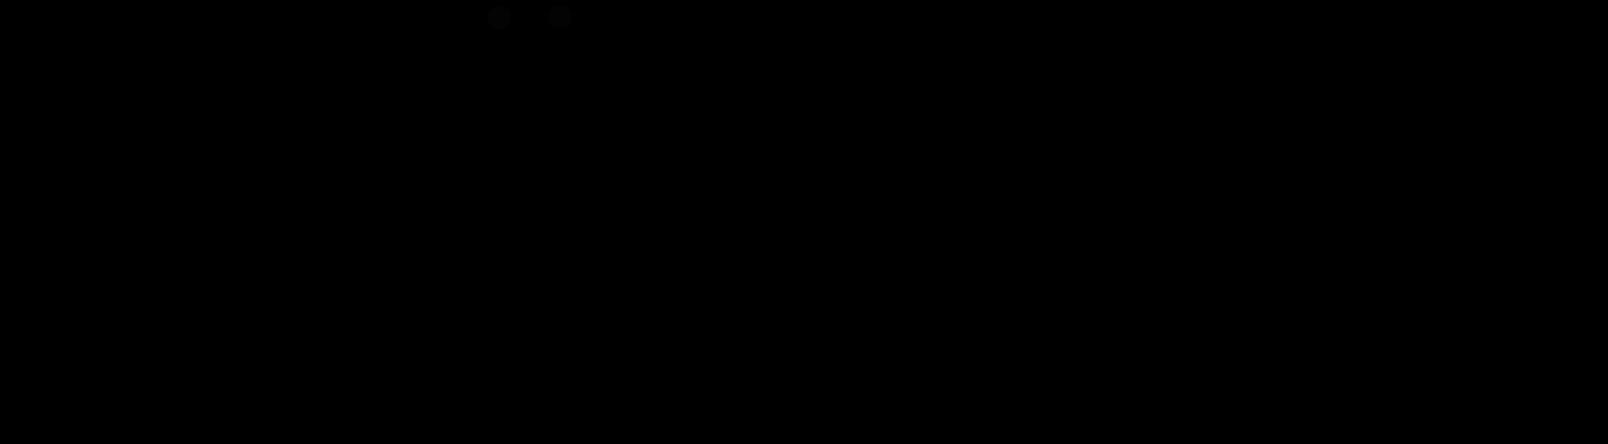 Логотип для лаборатории исследования эмоционального отклика  фото f_9835ffeb32472623.png